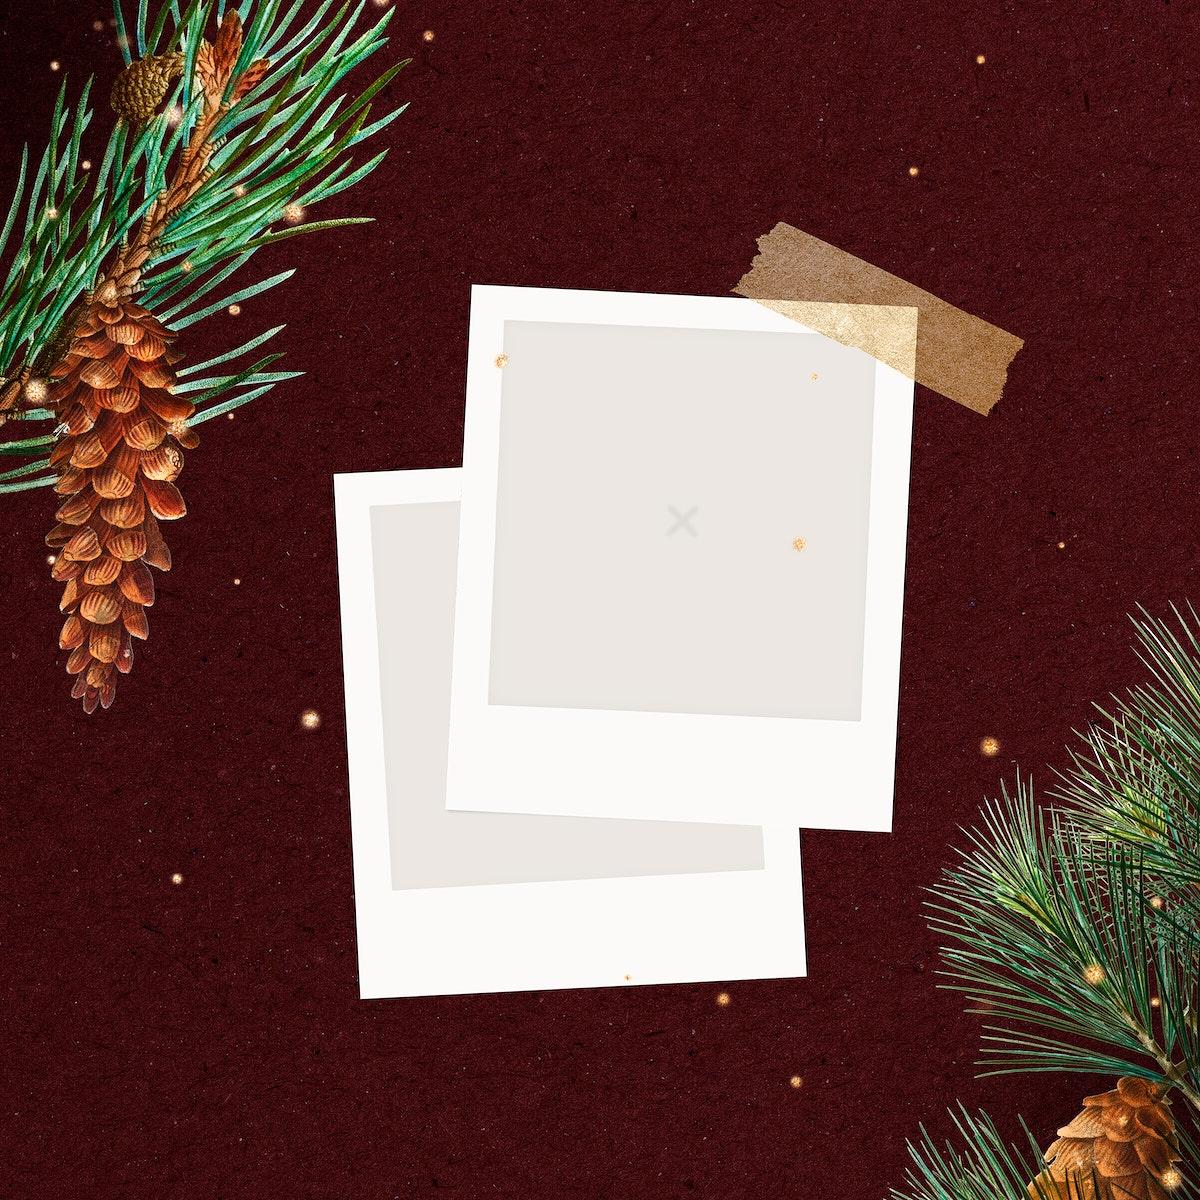 Festive blank Christmas social ads template